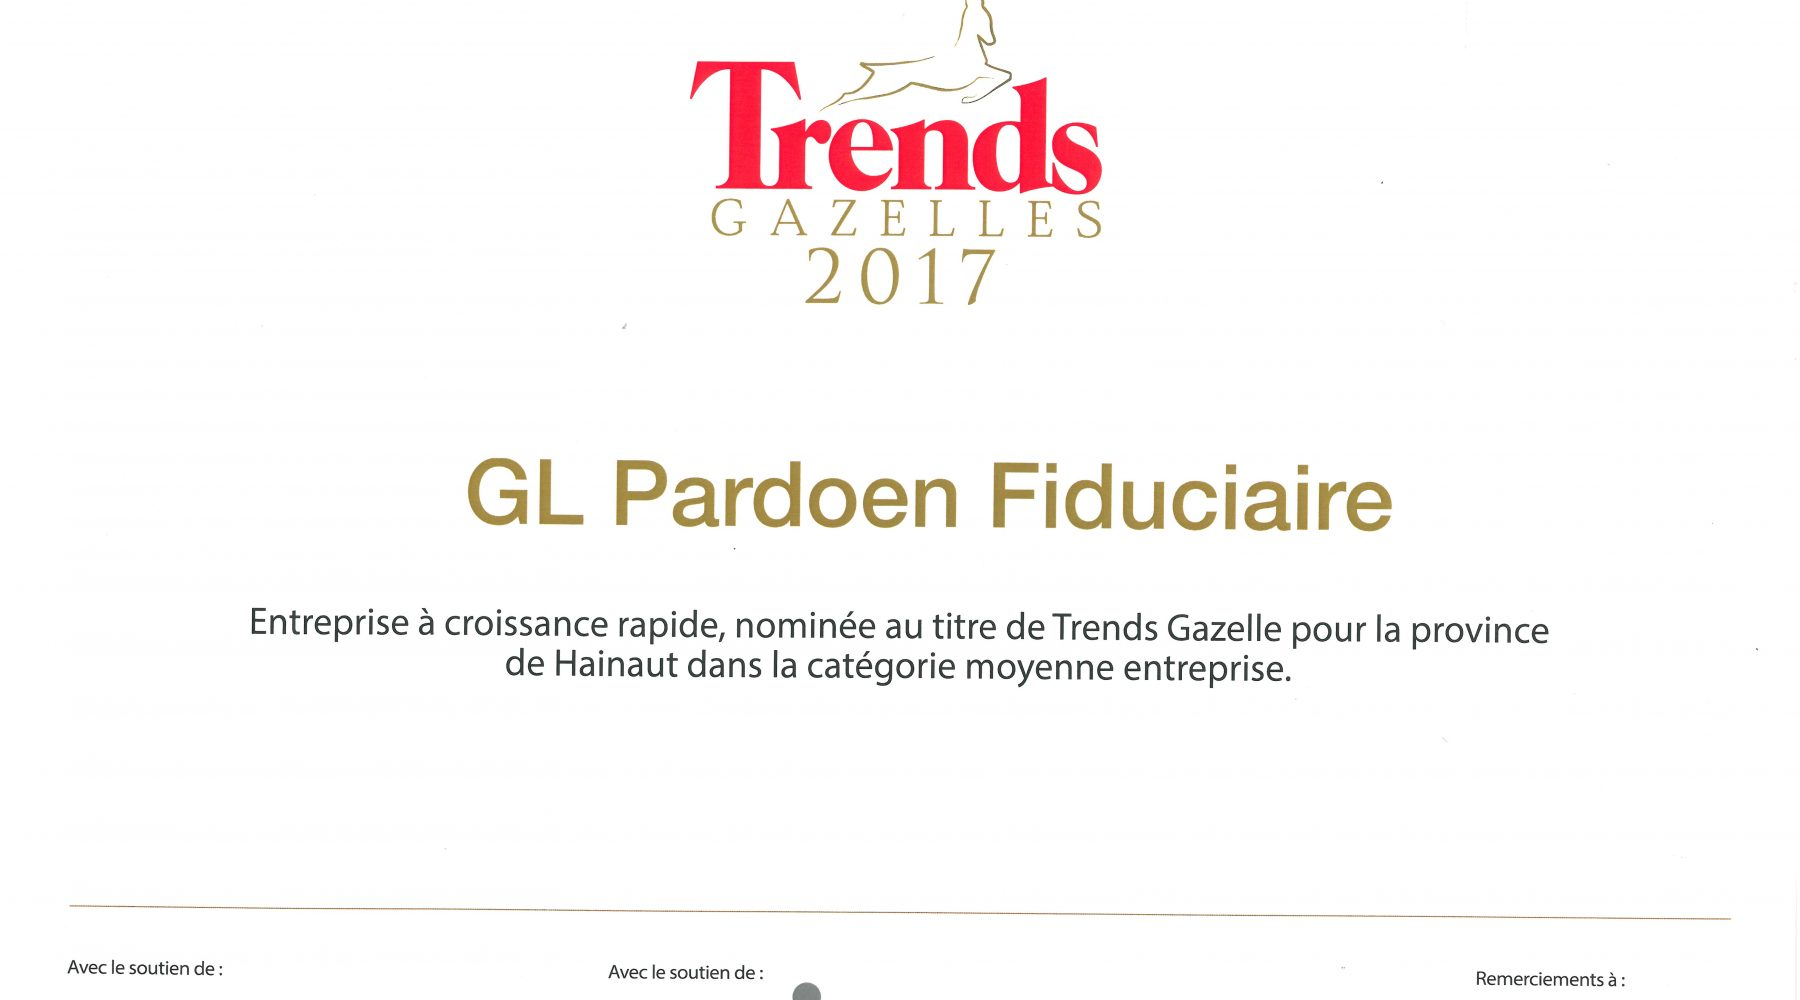 gazelles-trends-pardoen